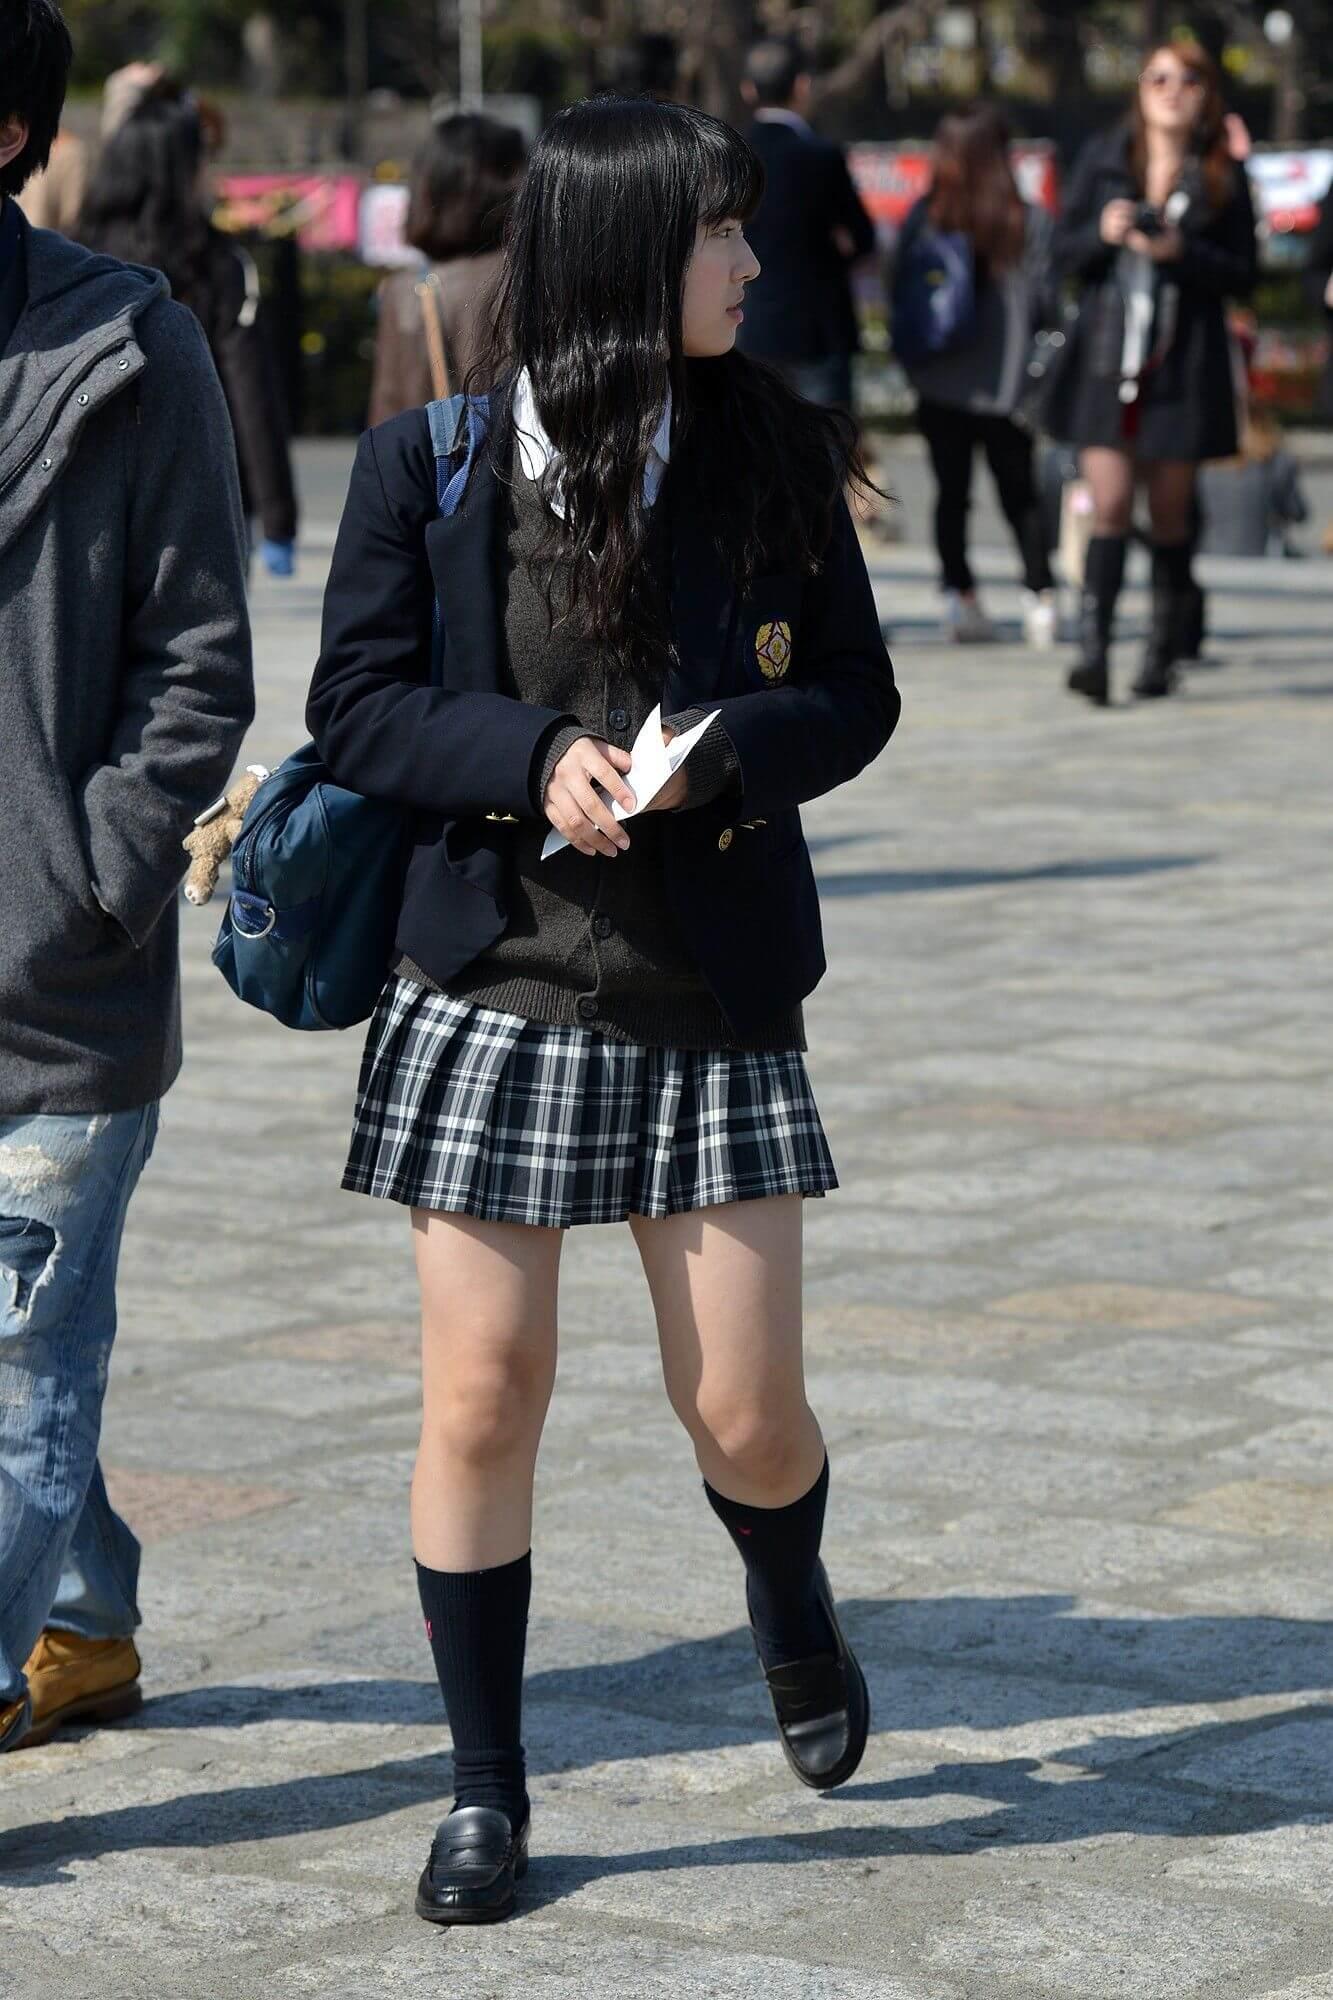 【画像】職人がどこからともなく捉えた女子高生の街撮り写真